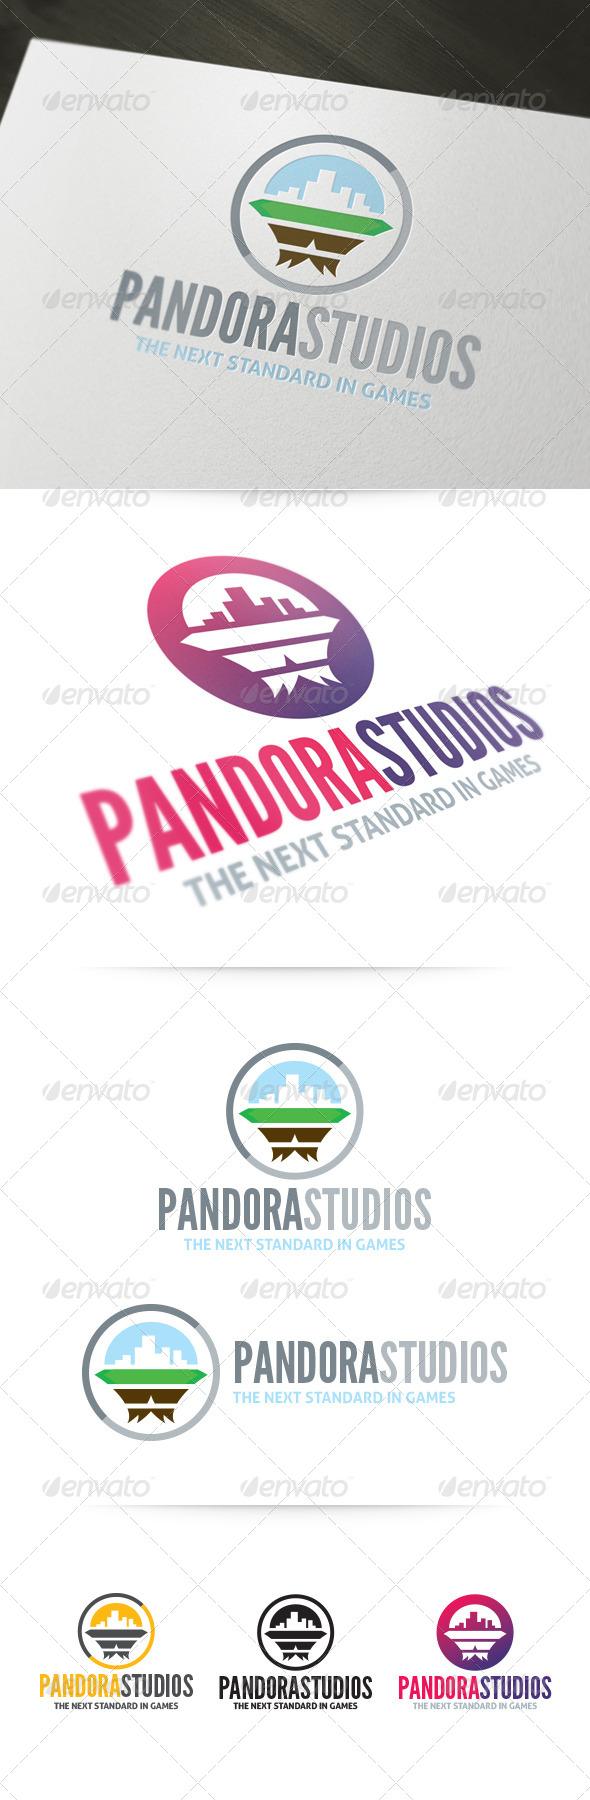 GraphicRiver Pandora Studios Logo 4253085